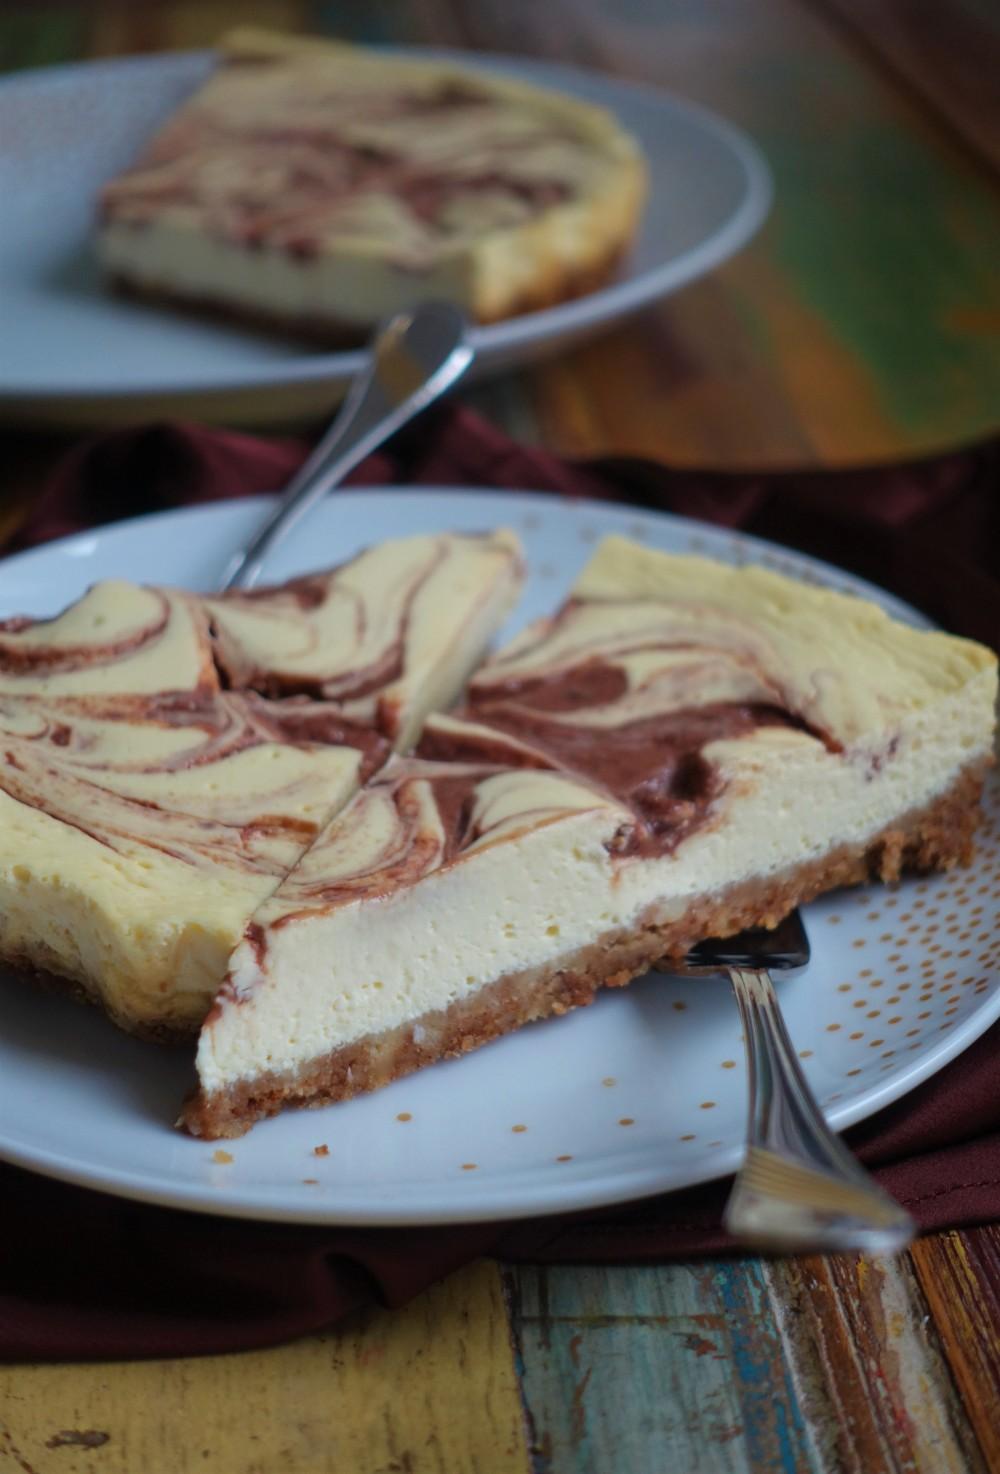 Cheesecake, Cheesecake-Tarte, Austrian Style, mit Topfen, Quark, Doppelrahmfrischkäse, Käsekuchen, mit Frucht-Wirbeln, Swirl, Powidl, Pflaumenmus, zimtig, weihnachtlich, Rum, Lebkuchenbrösel, trendy, Cheesecake Swirl